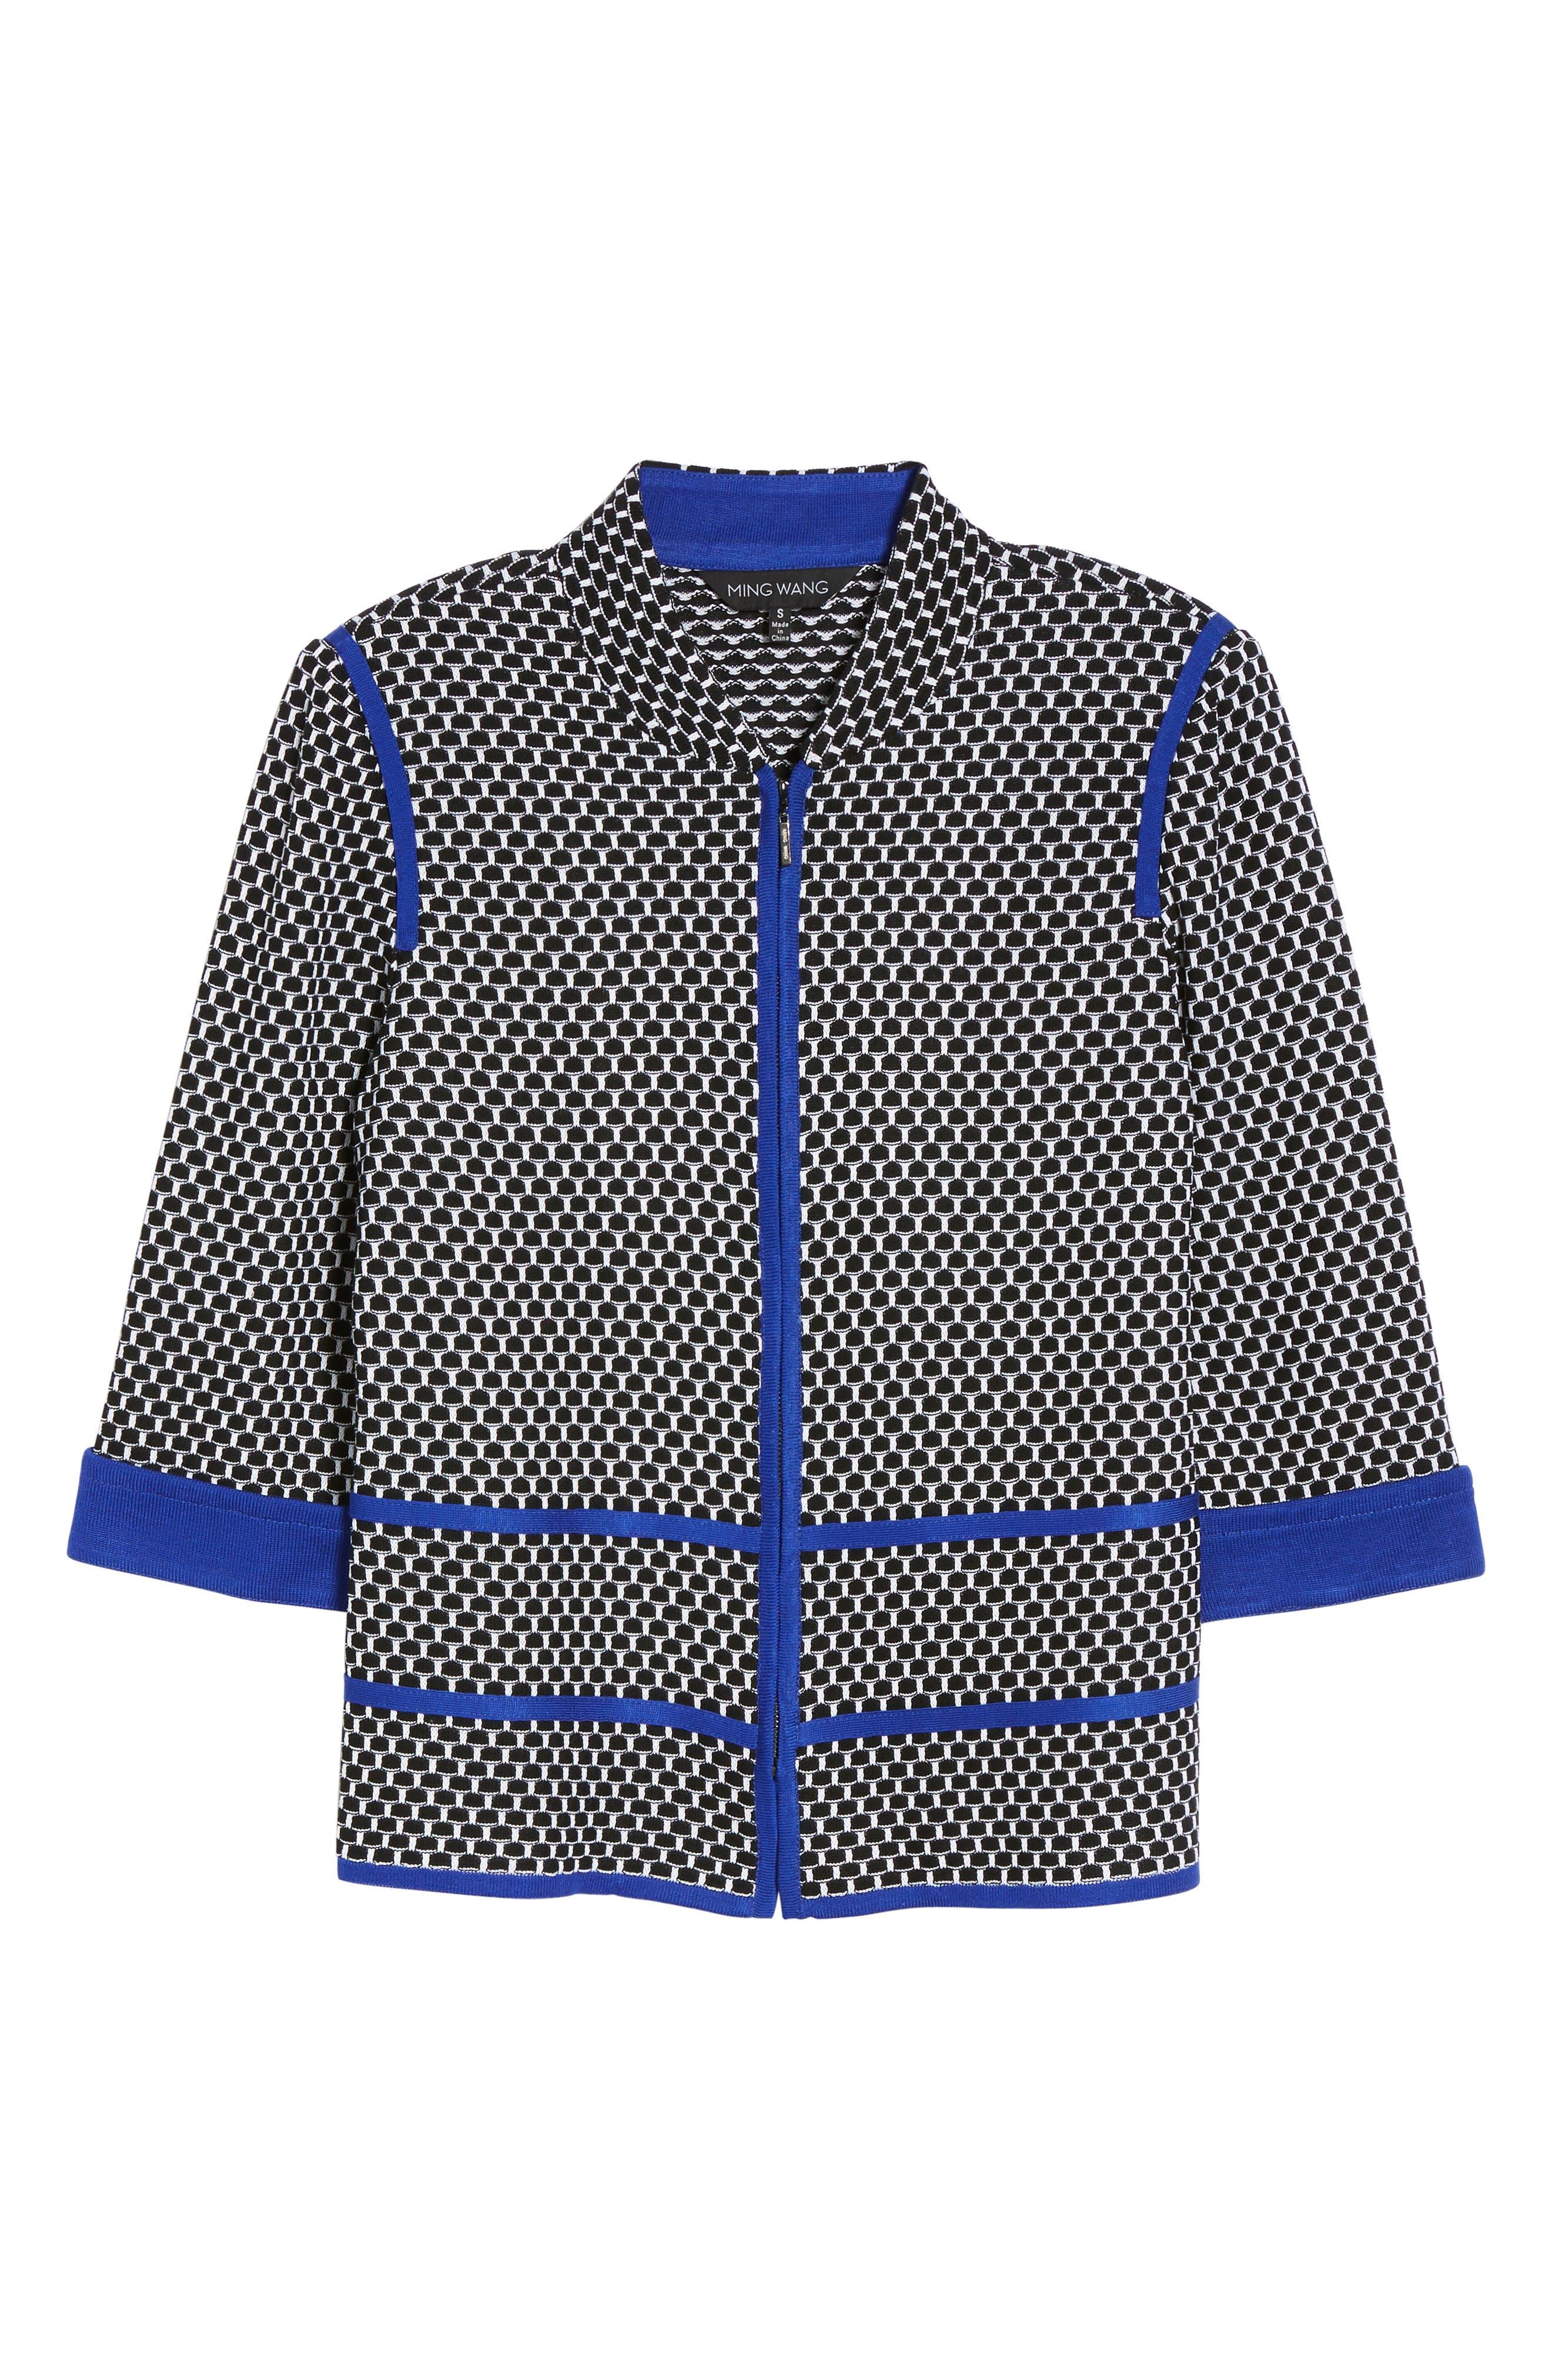 Jacquard Knit Jacket,                             Alternate thumbnail 5, color,                             407